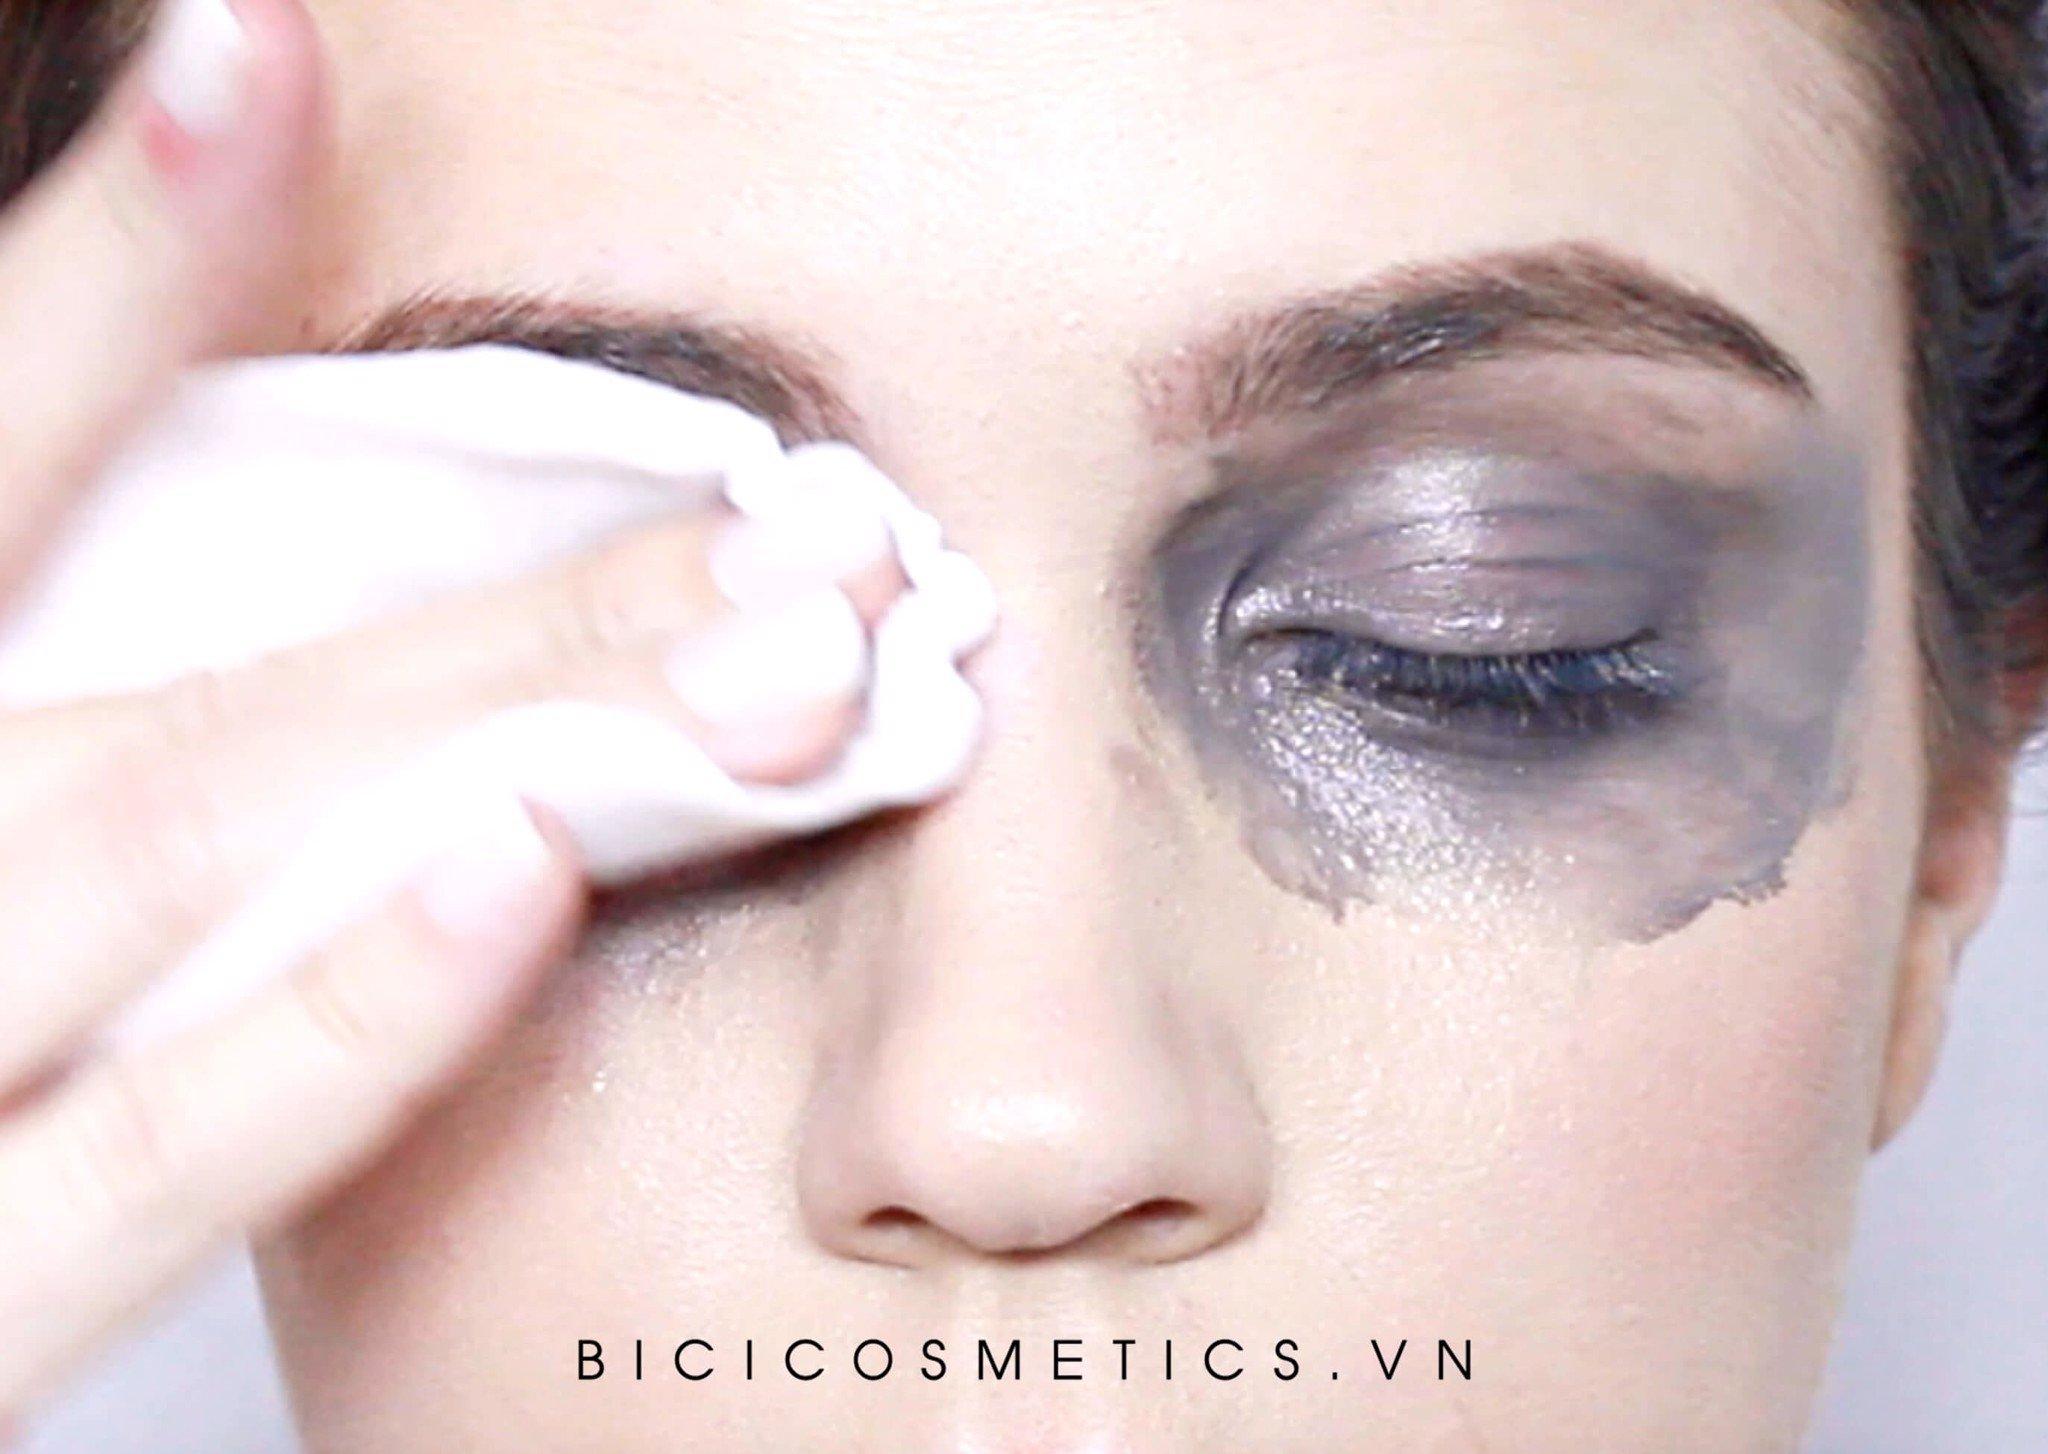 Các sản phẩm cho mắtbạn cần phải kiên nhẫn hơn một chút khi tẩy trang để tránh sự cọ sát quá mạnh làm tổn thương